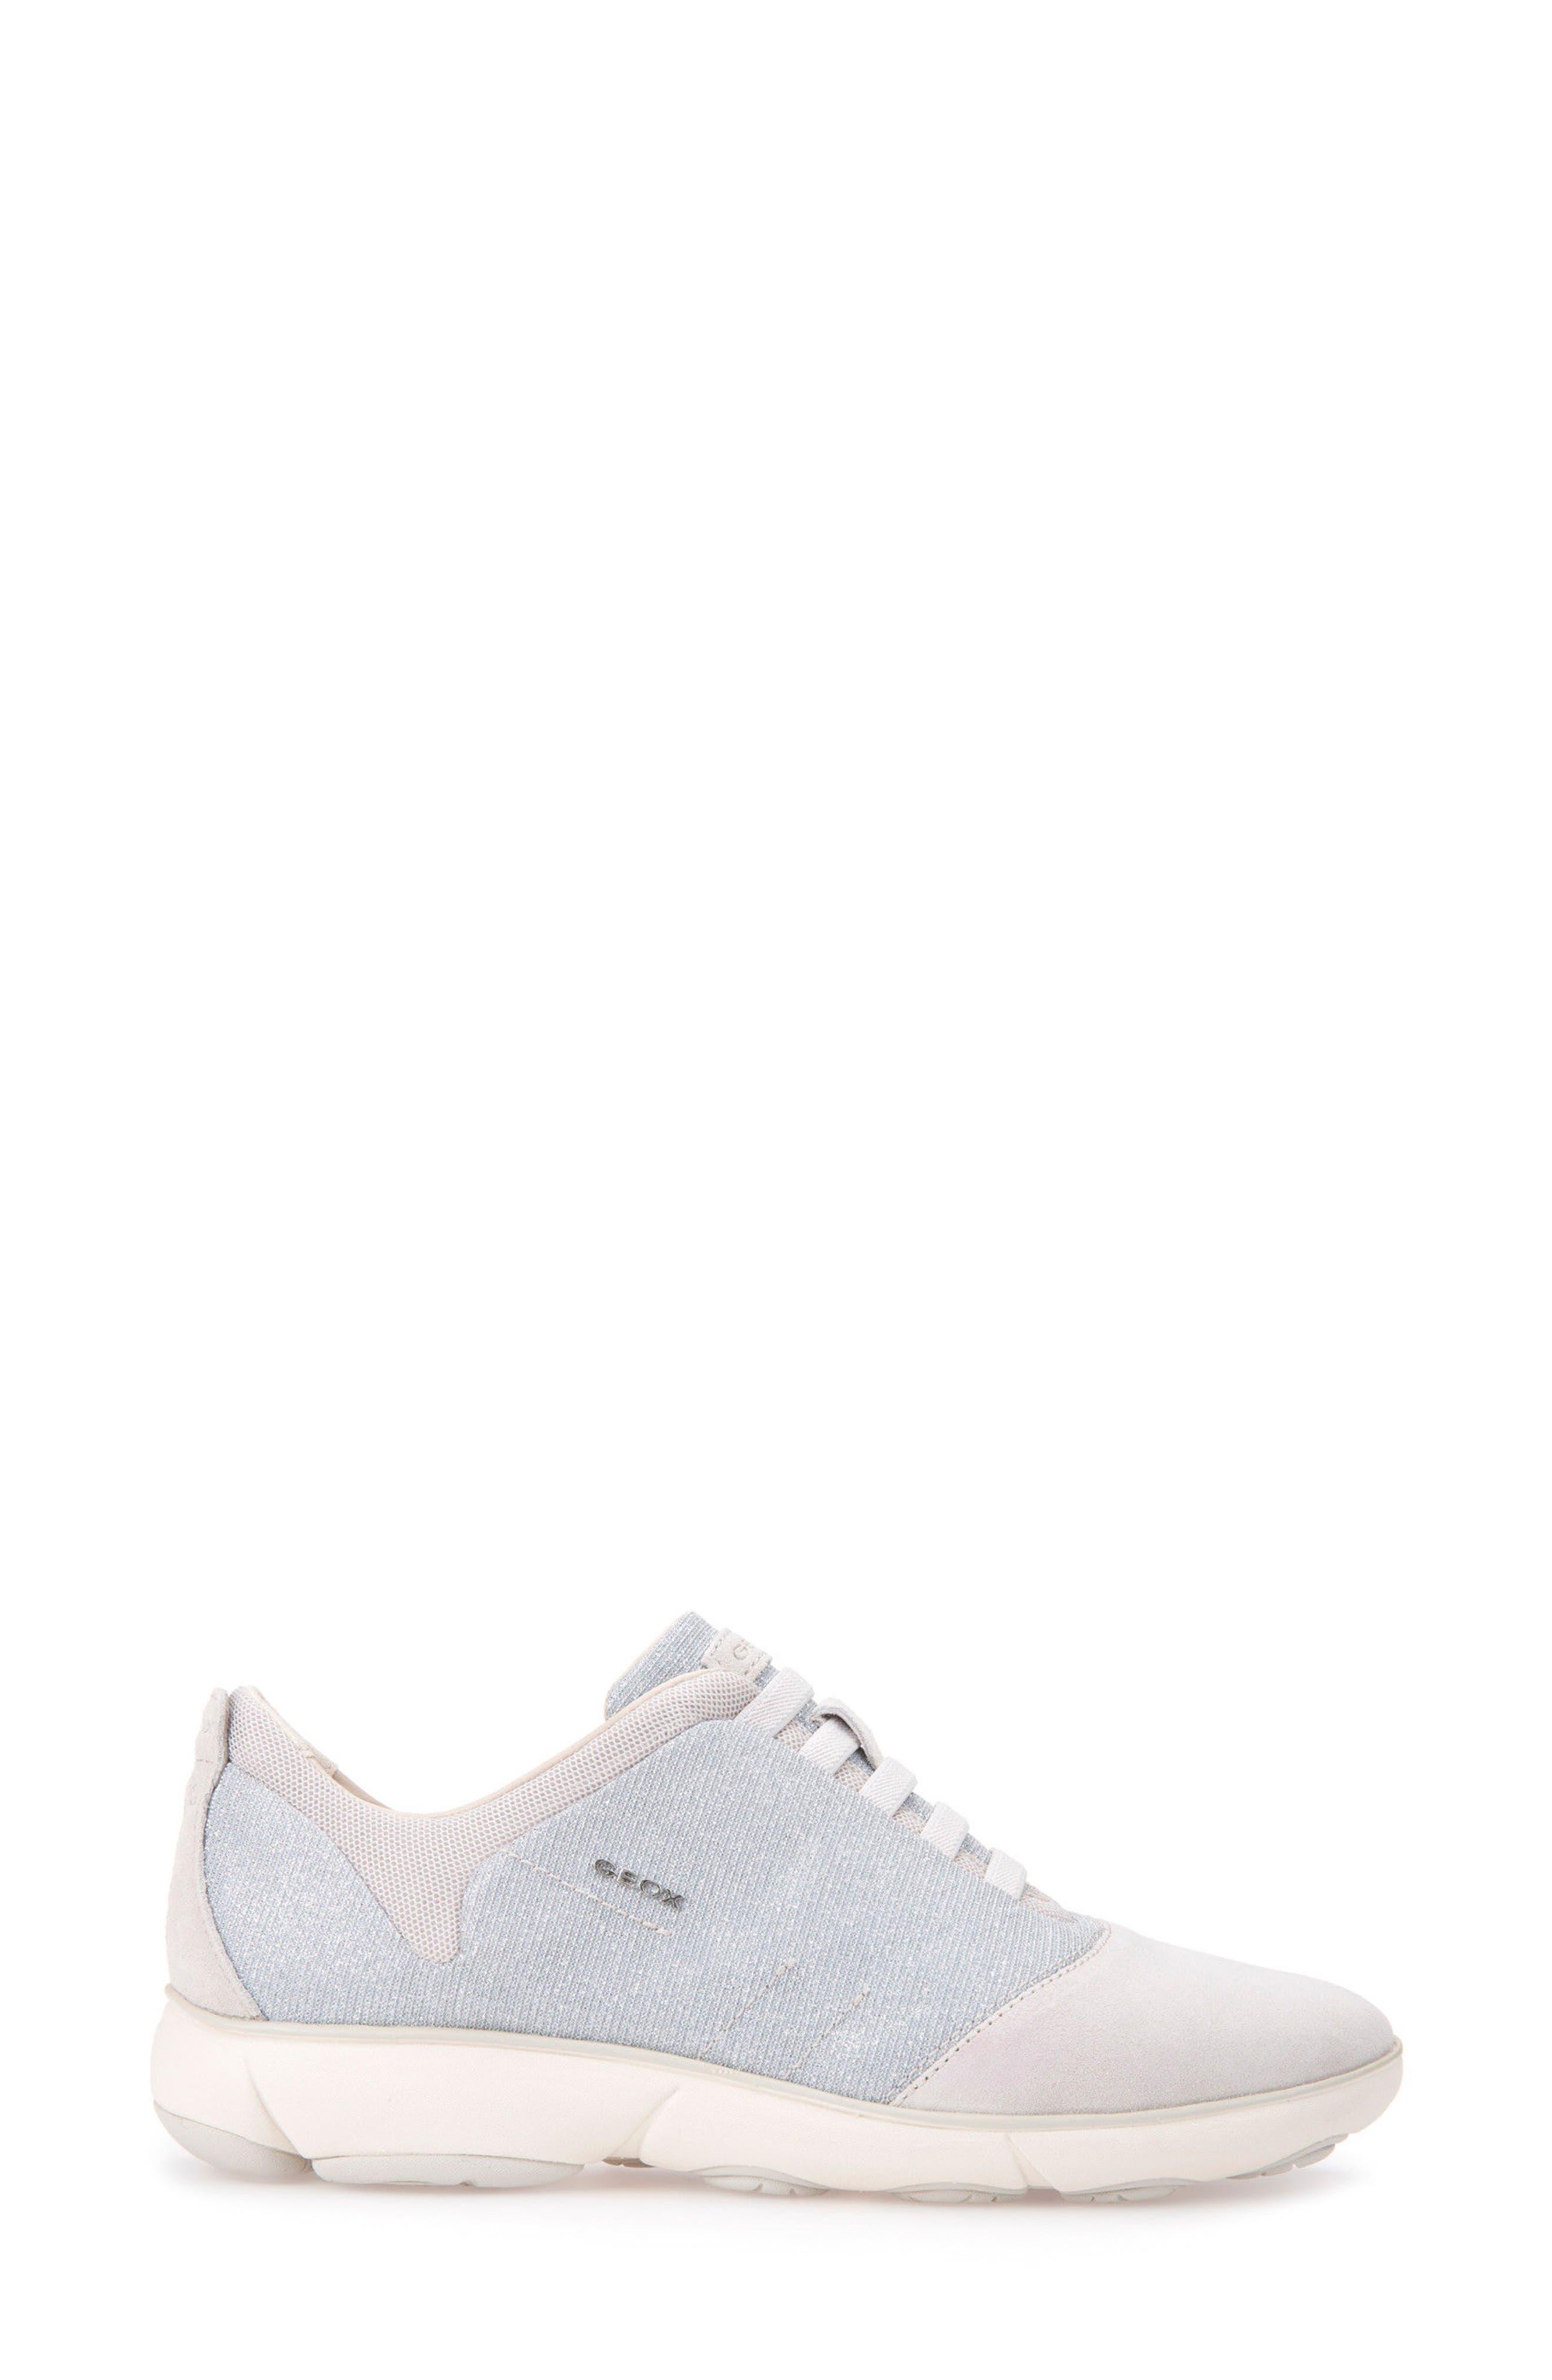 Nebula Slip-On Sneaker,                             Alternate thumbnail 35, color,